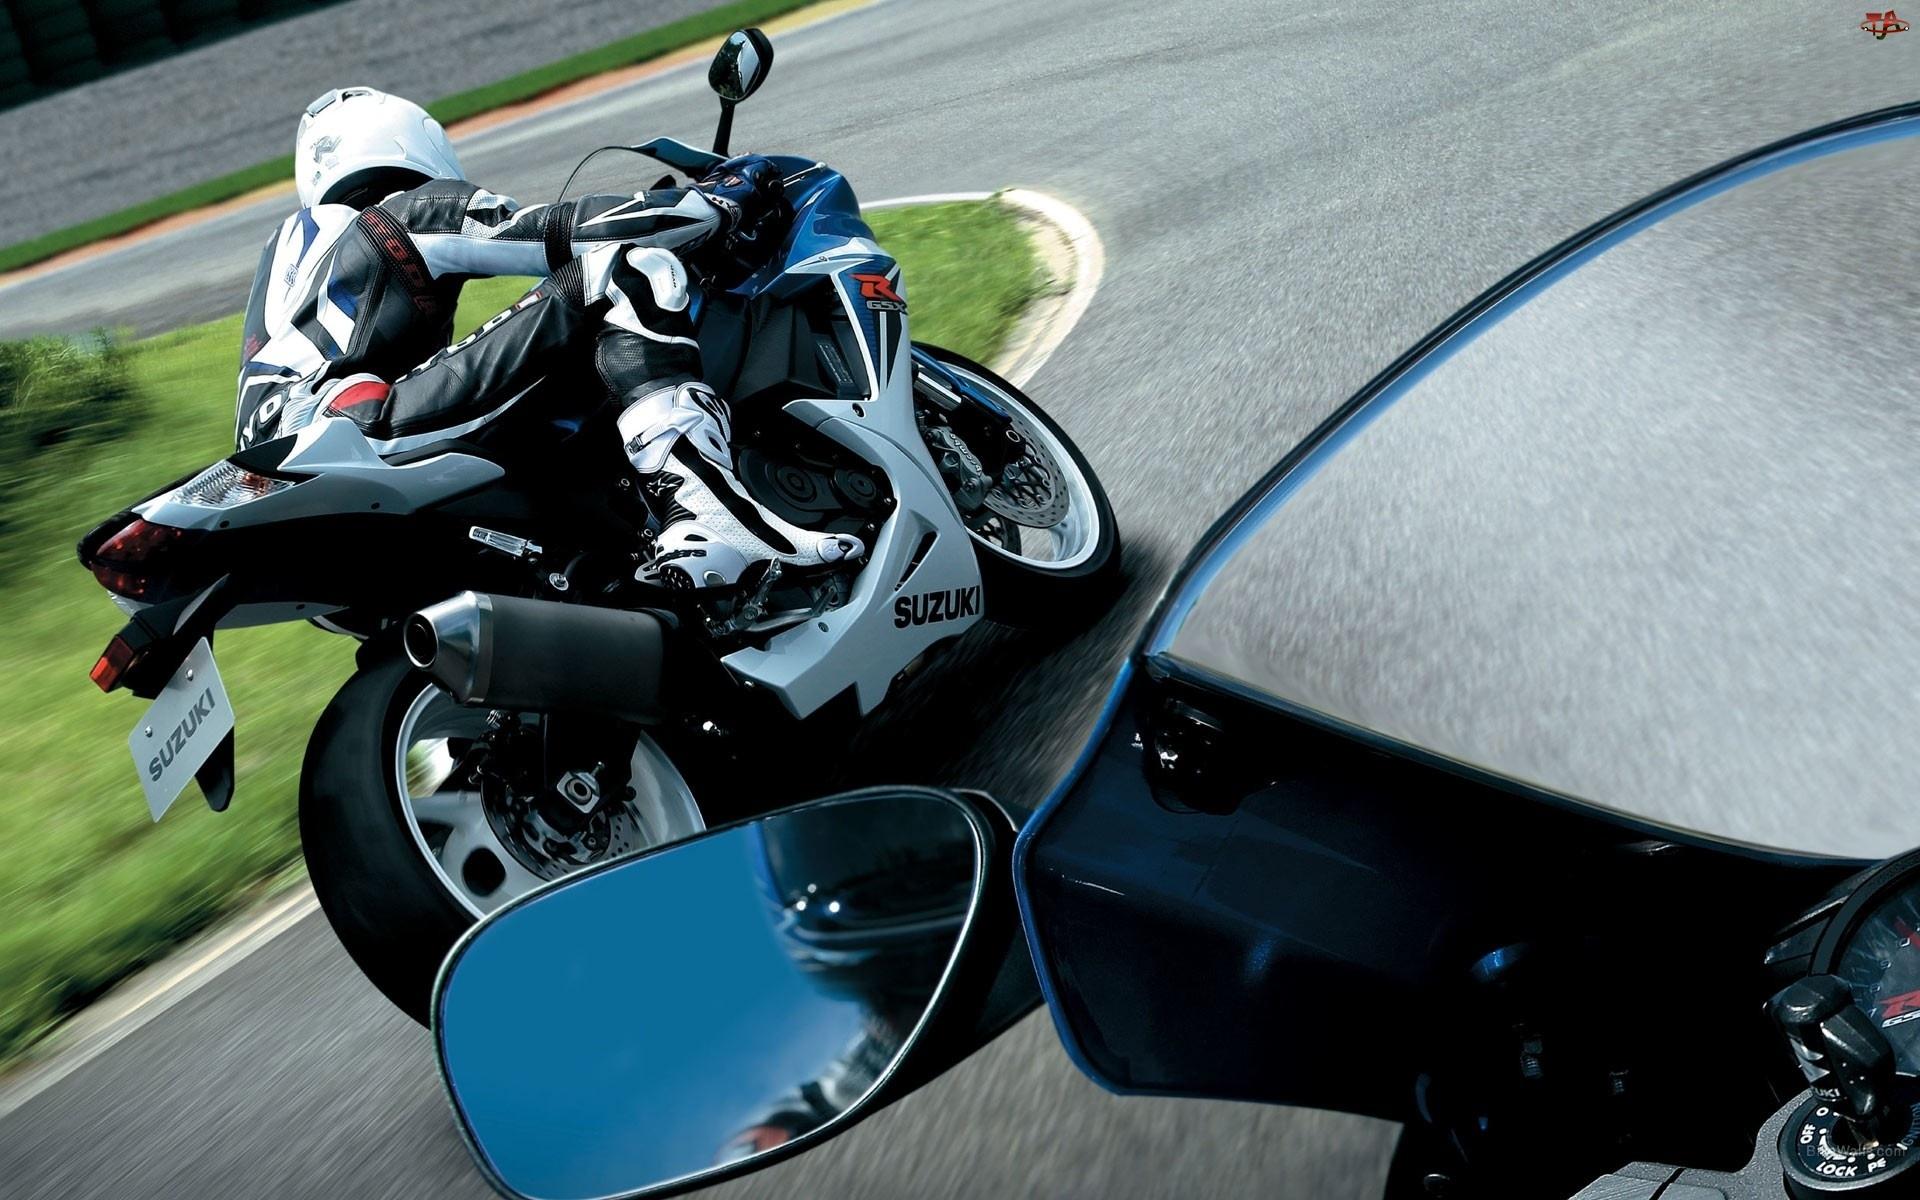 Motocyklista, Motor, Lusterko